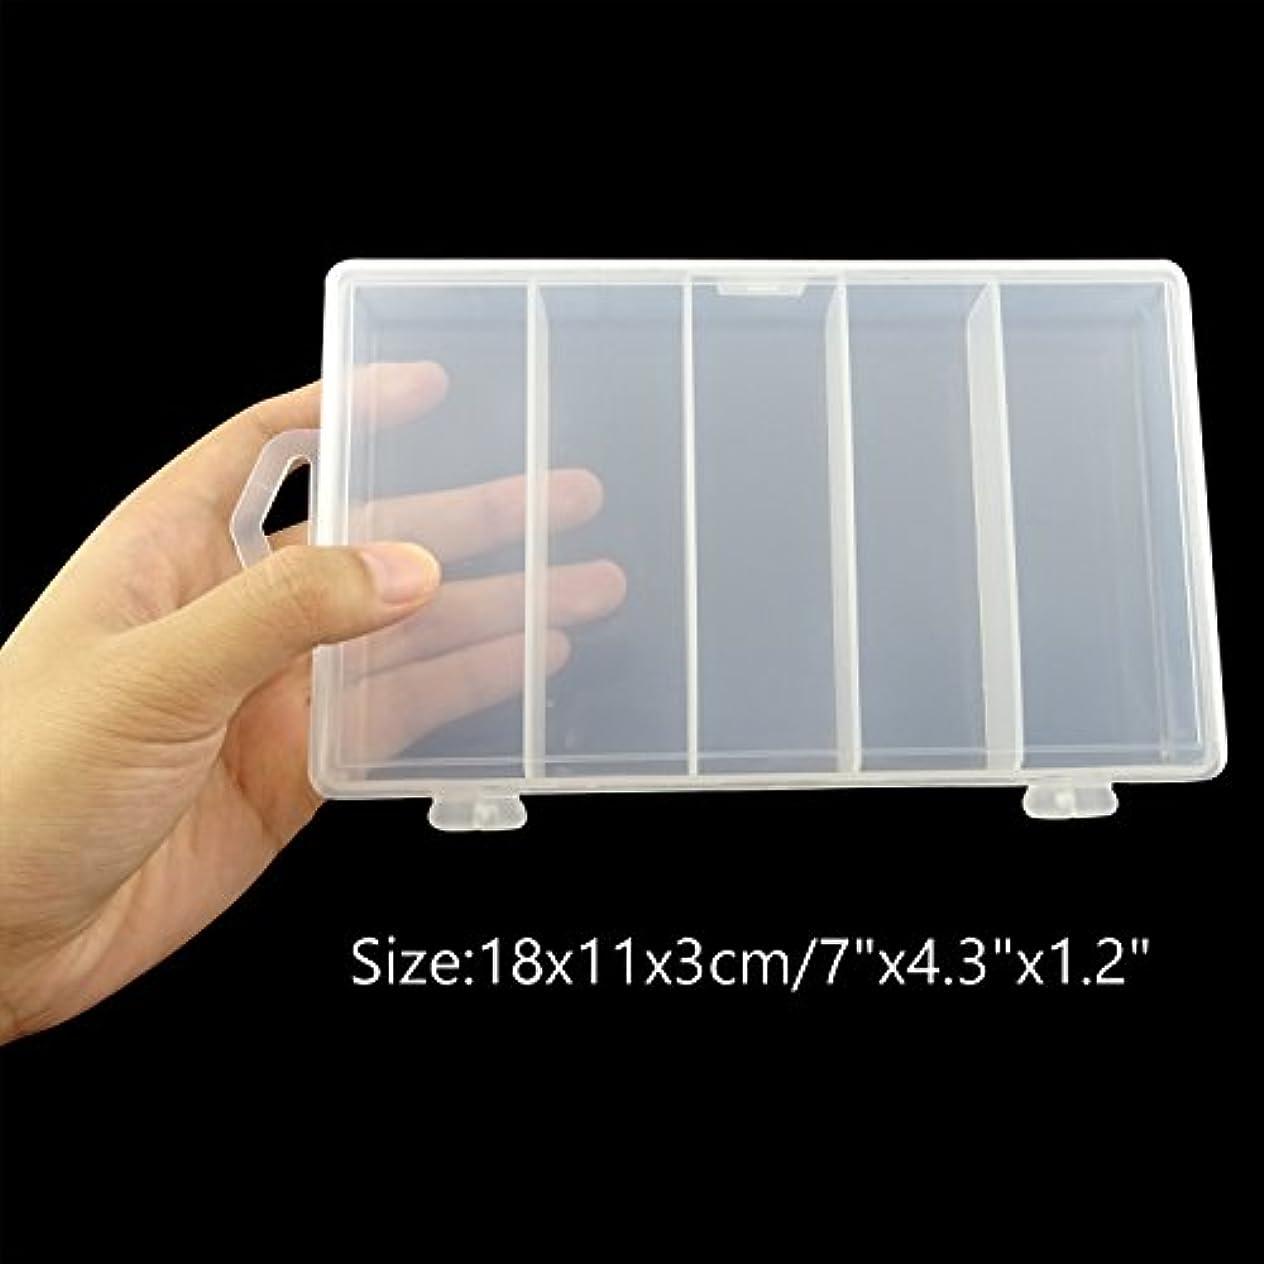 読者トリム豊かにするHonbay 5-gridクリア可視プラスチック釣りタックルアクセサリーボックス釣りルアー餌フックストレージボックスケースコンテナジュエリーMaking Findingsオーガナイザーボックスストレージコンテナケース – 18 x 11 x 3 cm